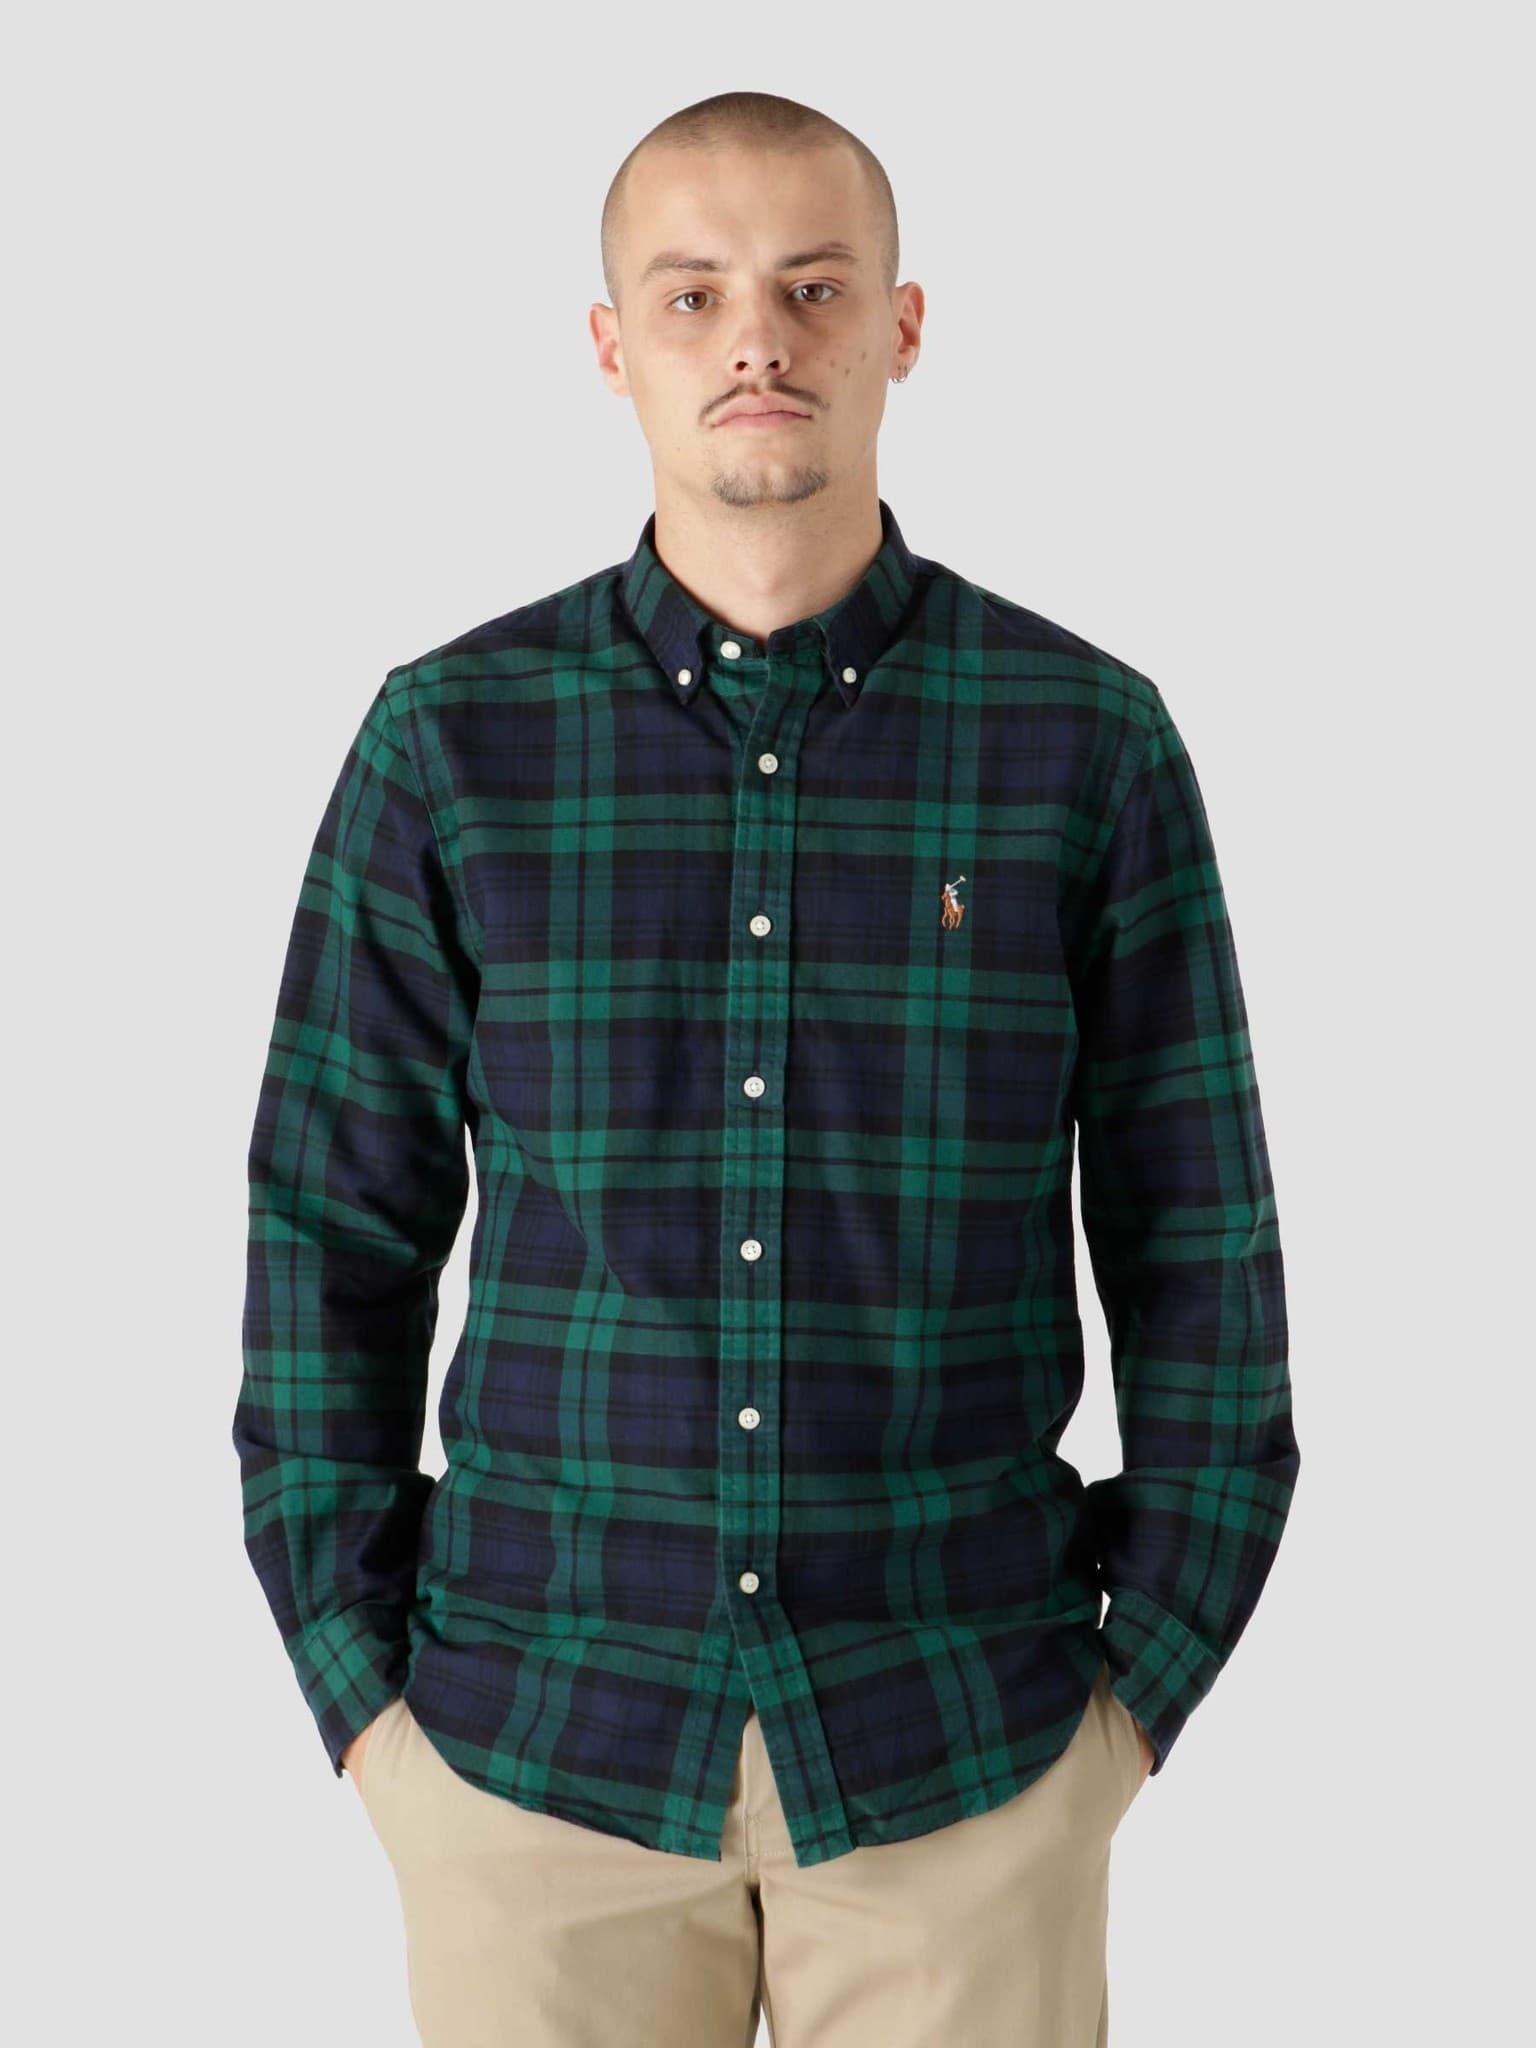 40-1 Yd Oxford Shirt 4904 Green Navy 710853154004